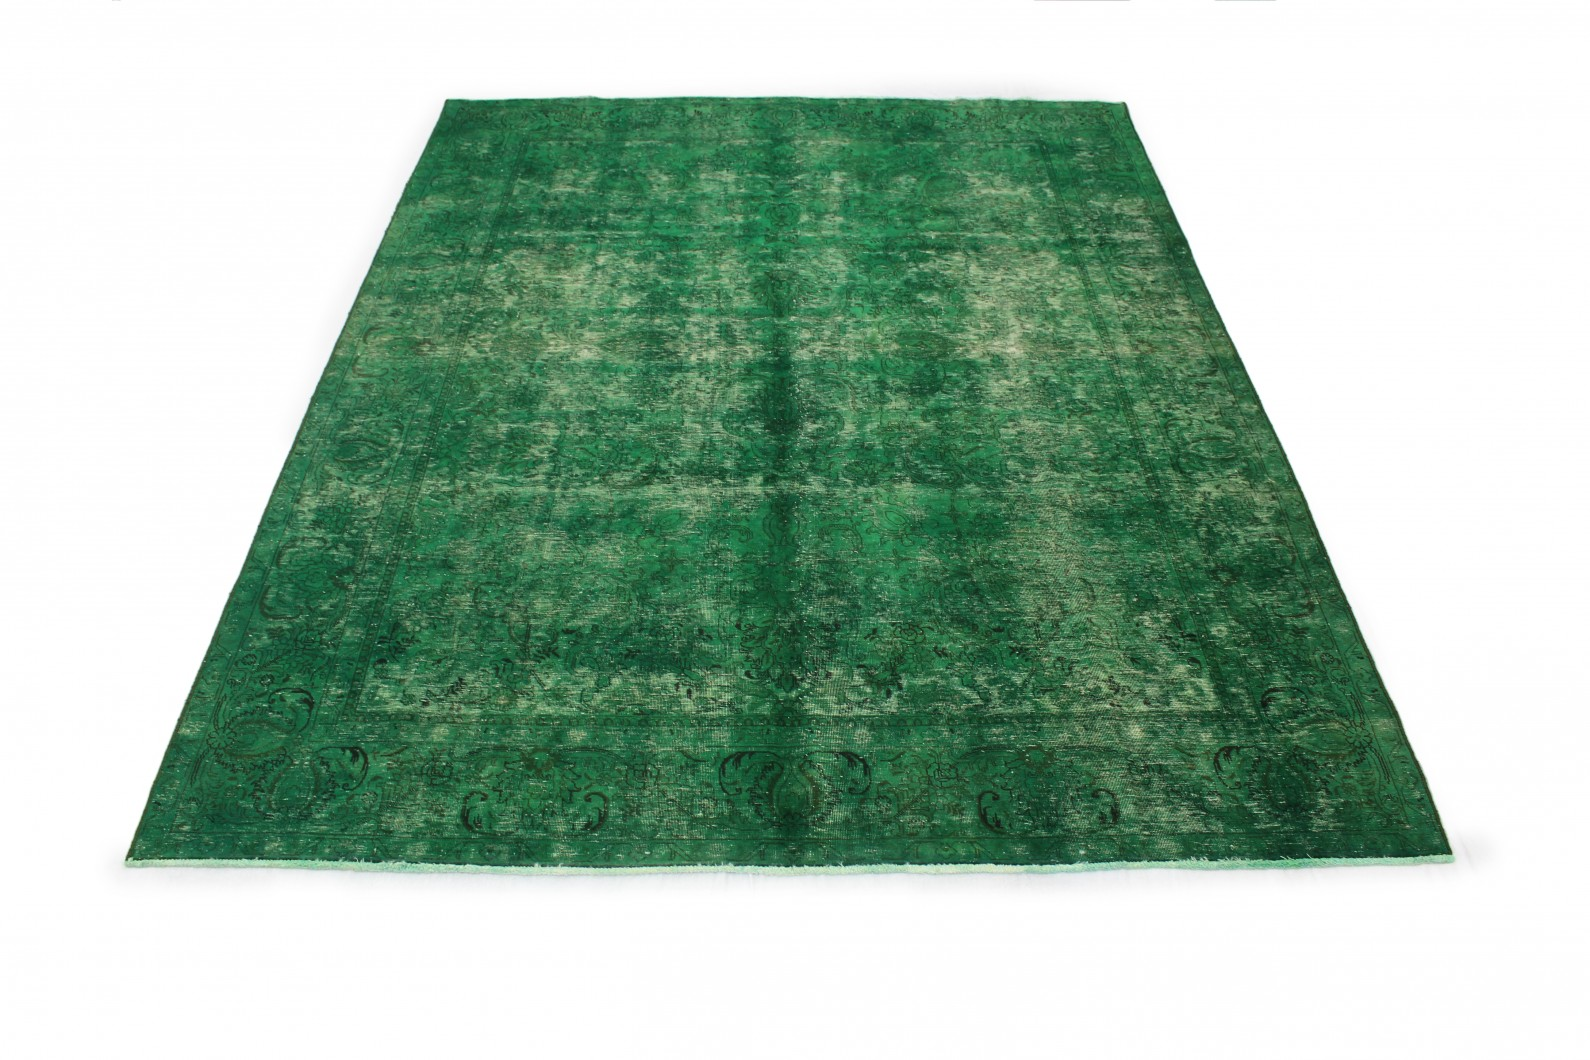 Vintage Teppich Grün in 370x280cm (1 / 6)